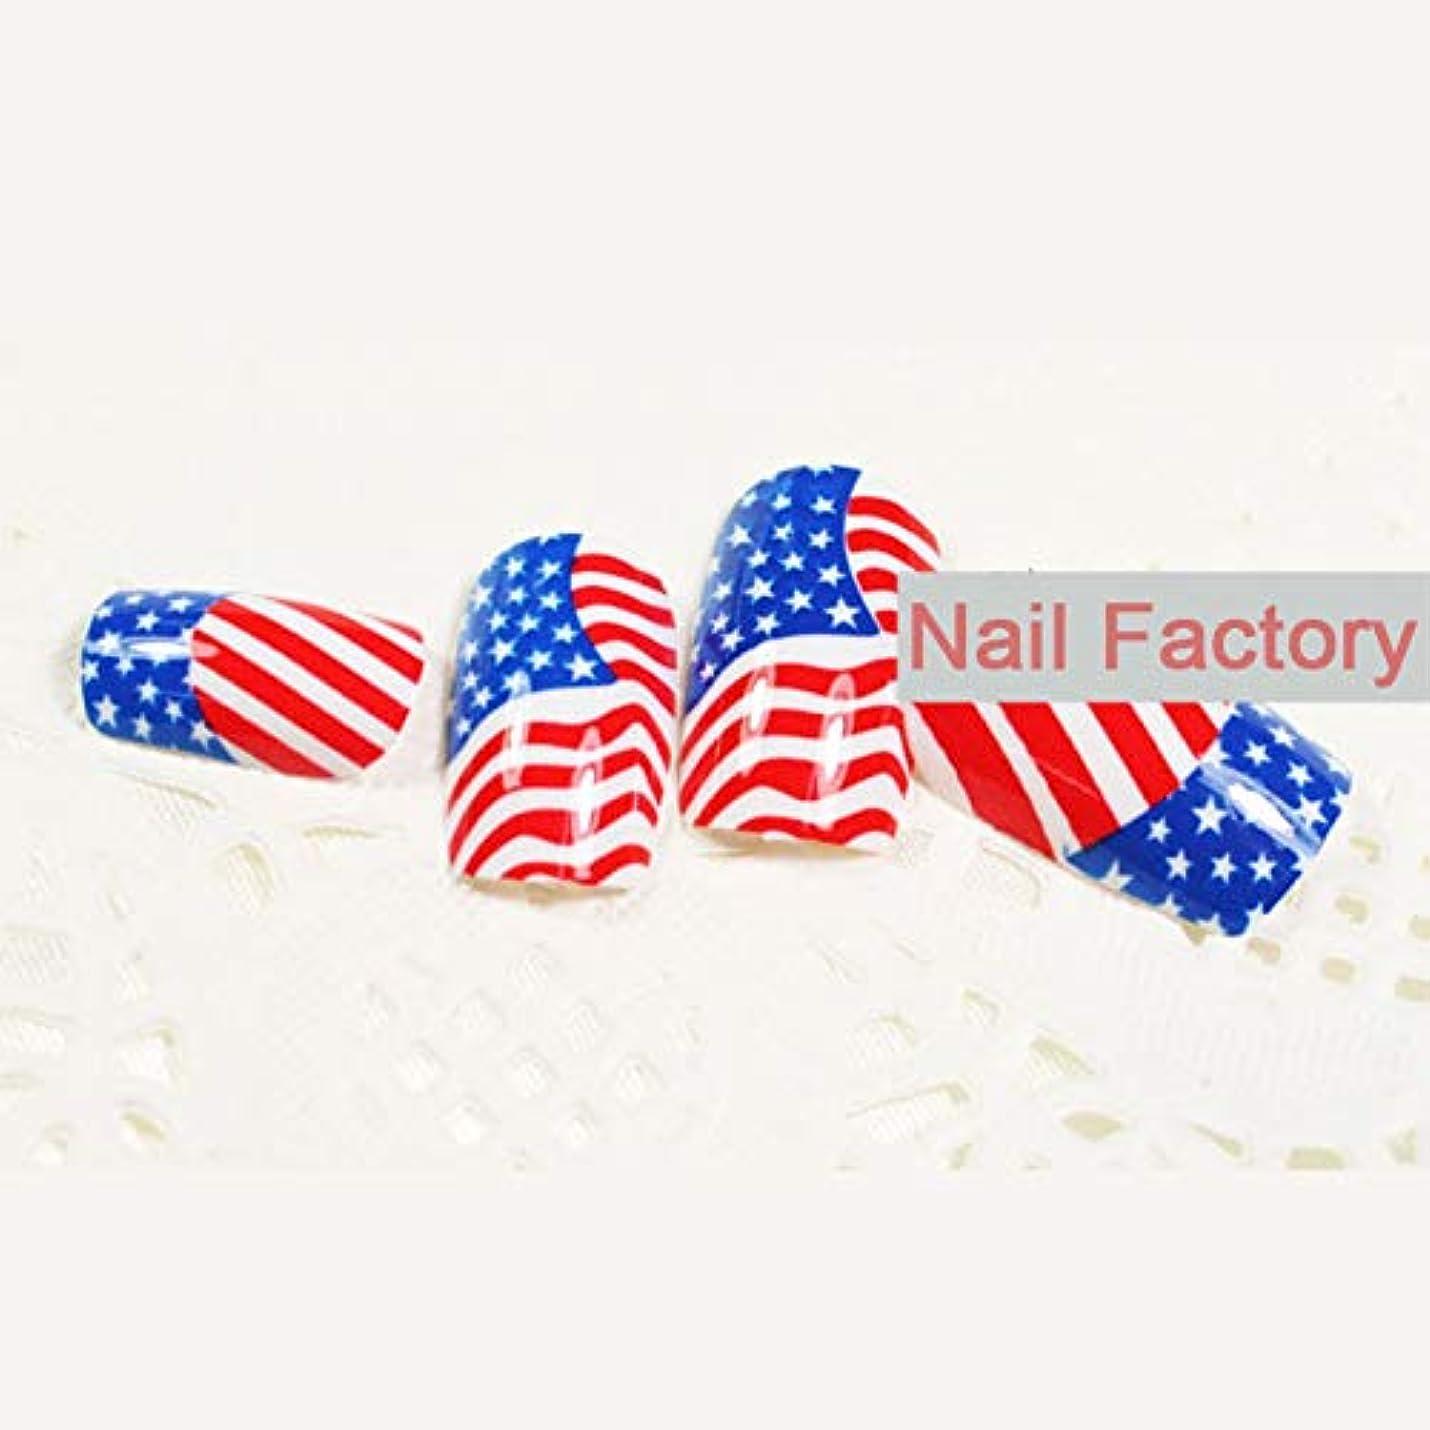 年次矛盾提供するネイルのヒント24個/セットアメリカ国旗デザイン偽の釘アクリルネイルアートと接着剤美容ファッションアメリカの国旗